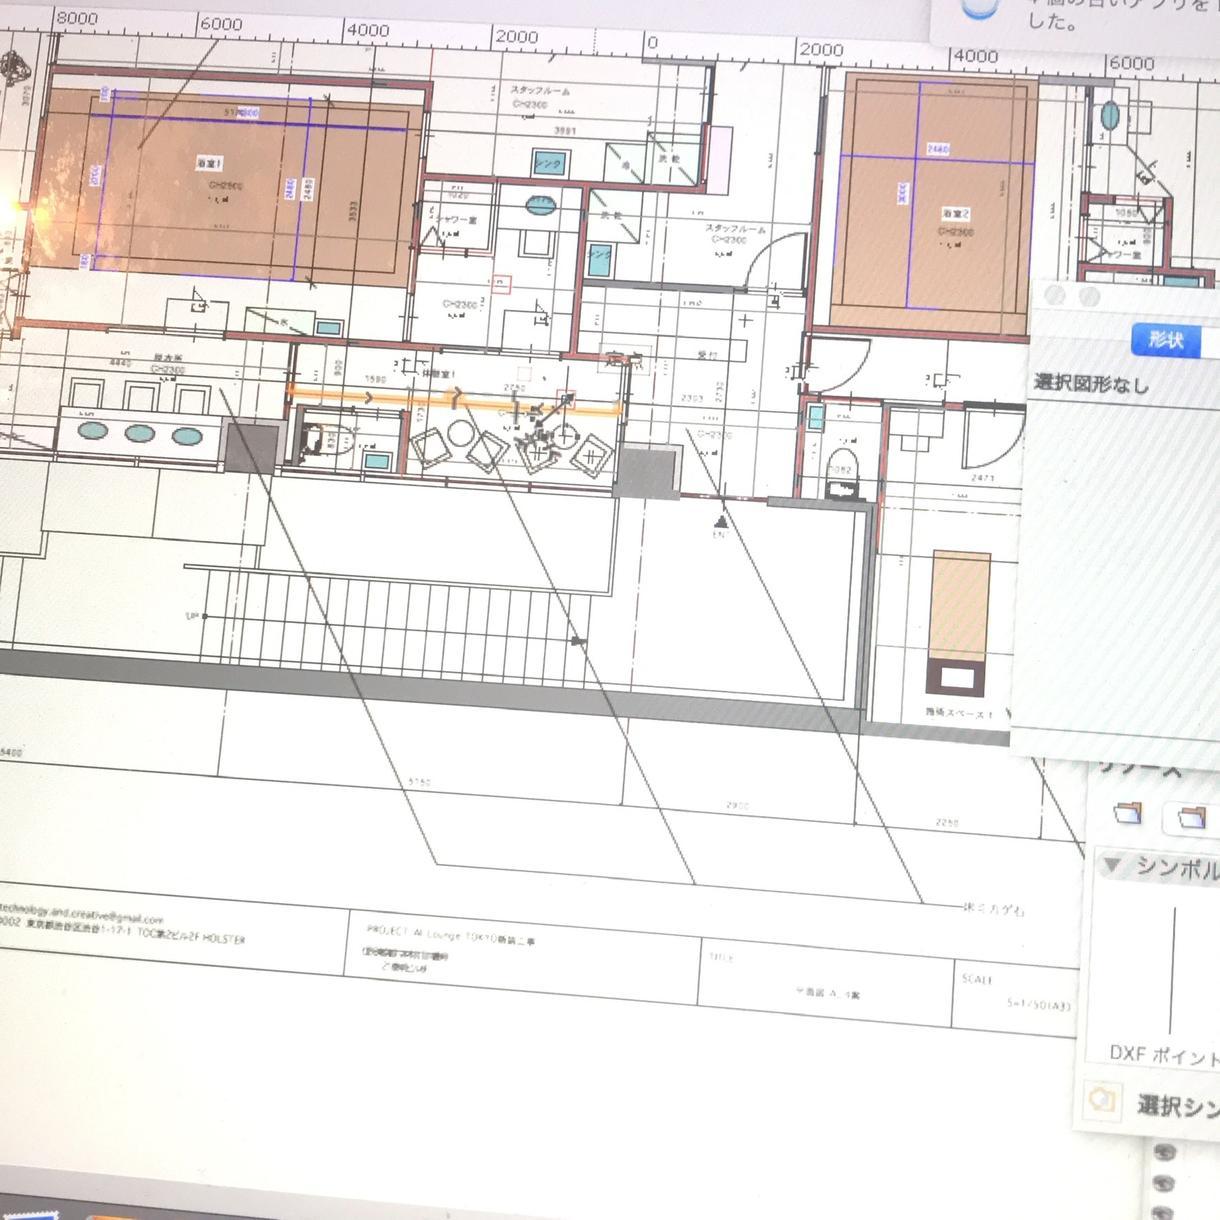 手書きの平面図をデータ化します 工務店 デザイナー様 お手伝い致します。